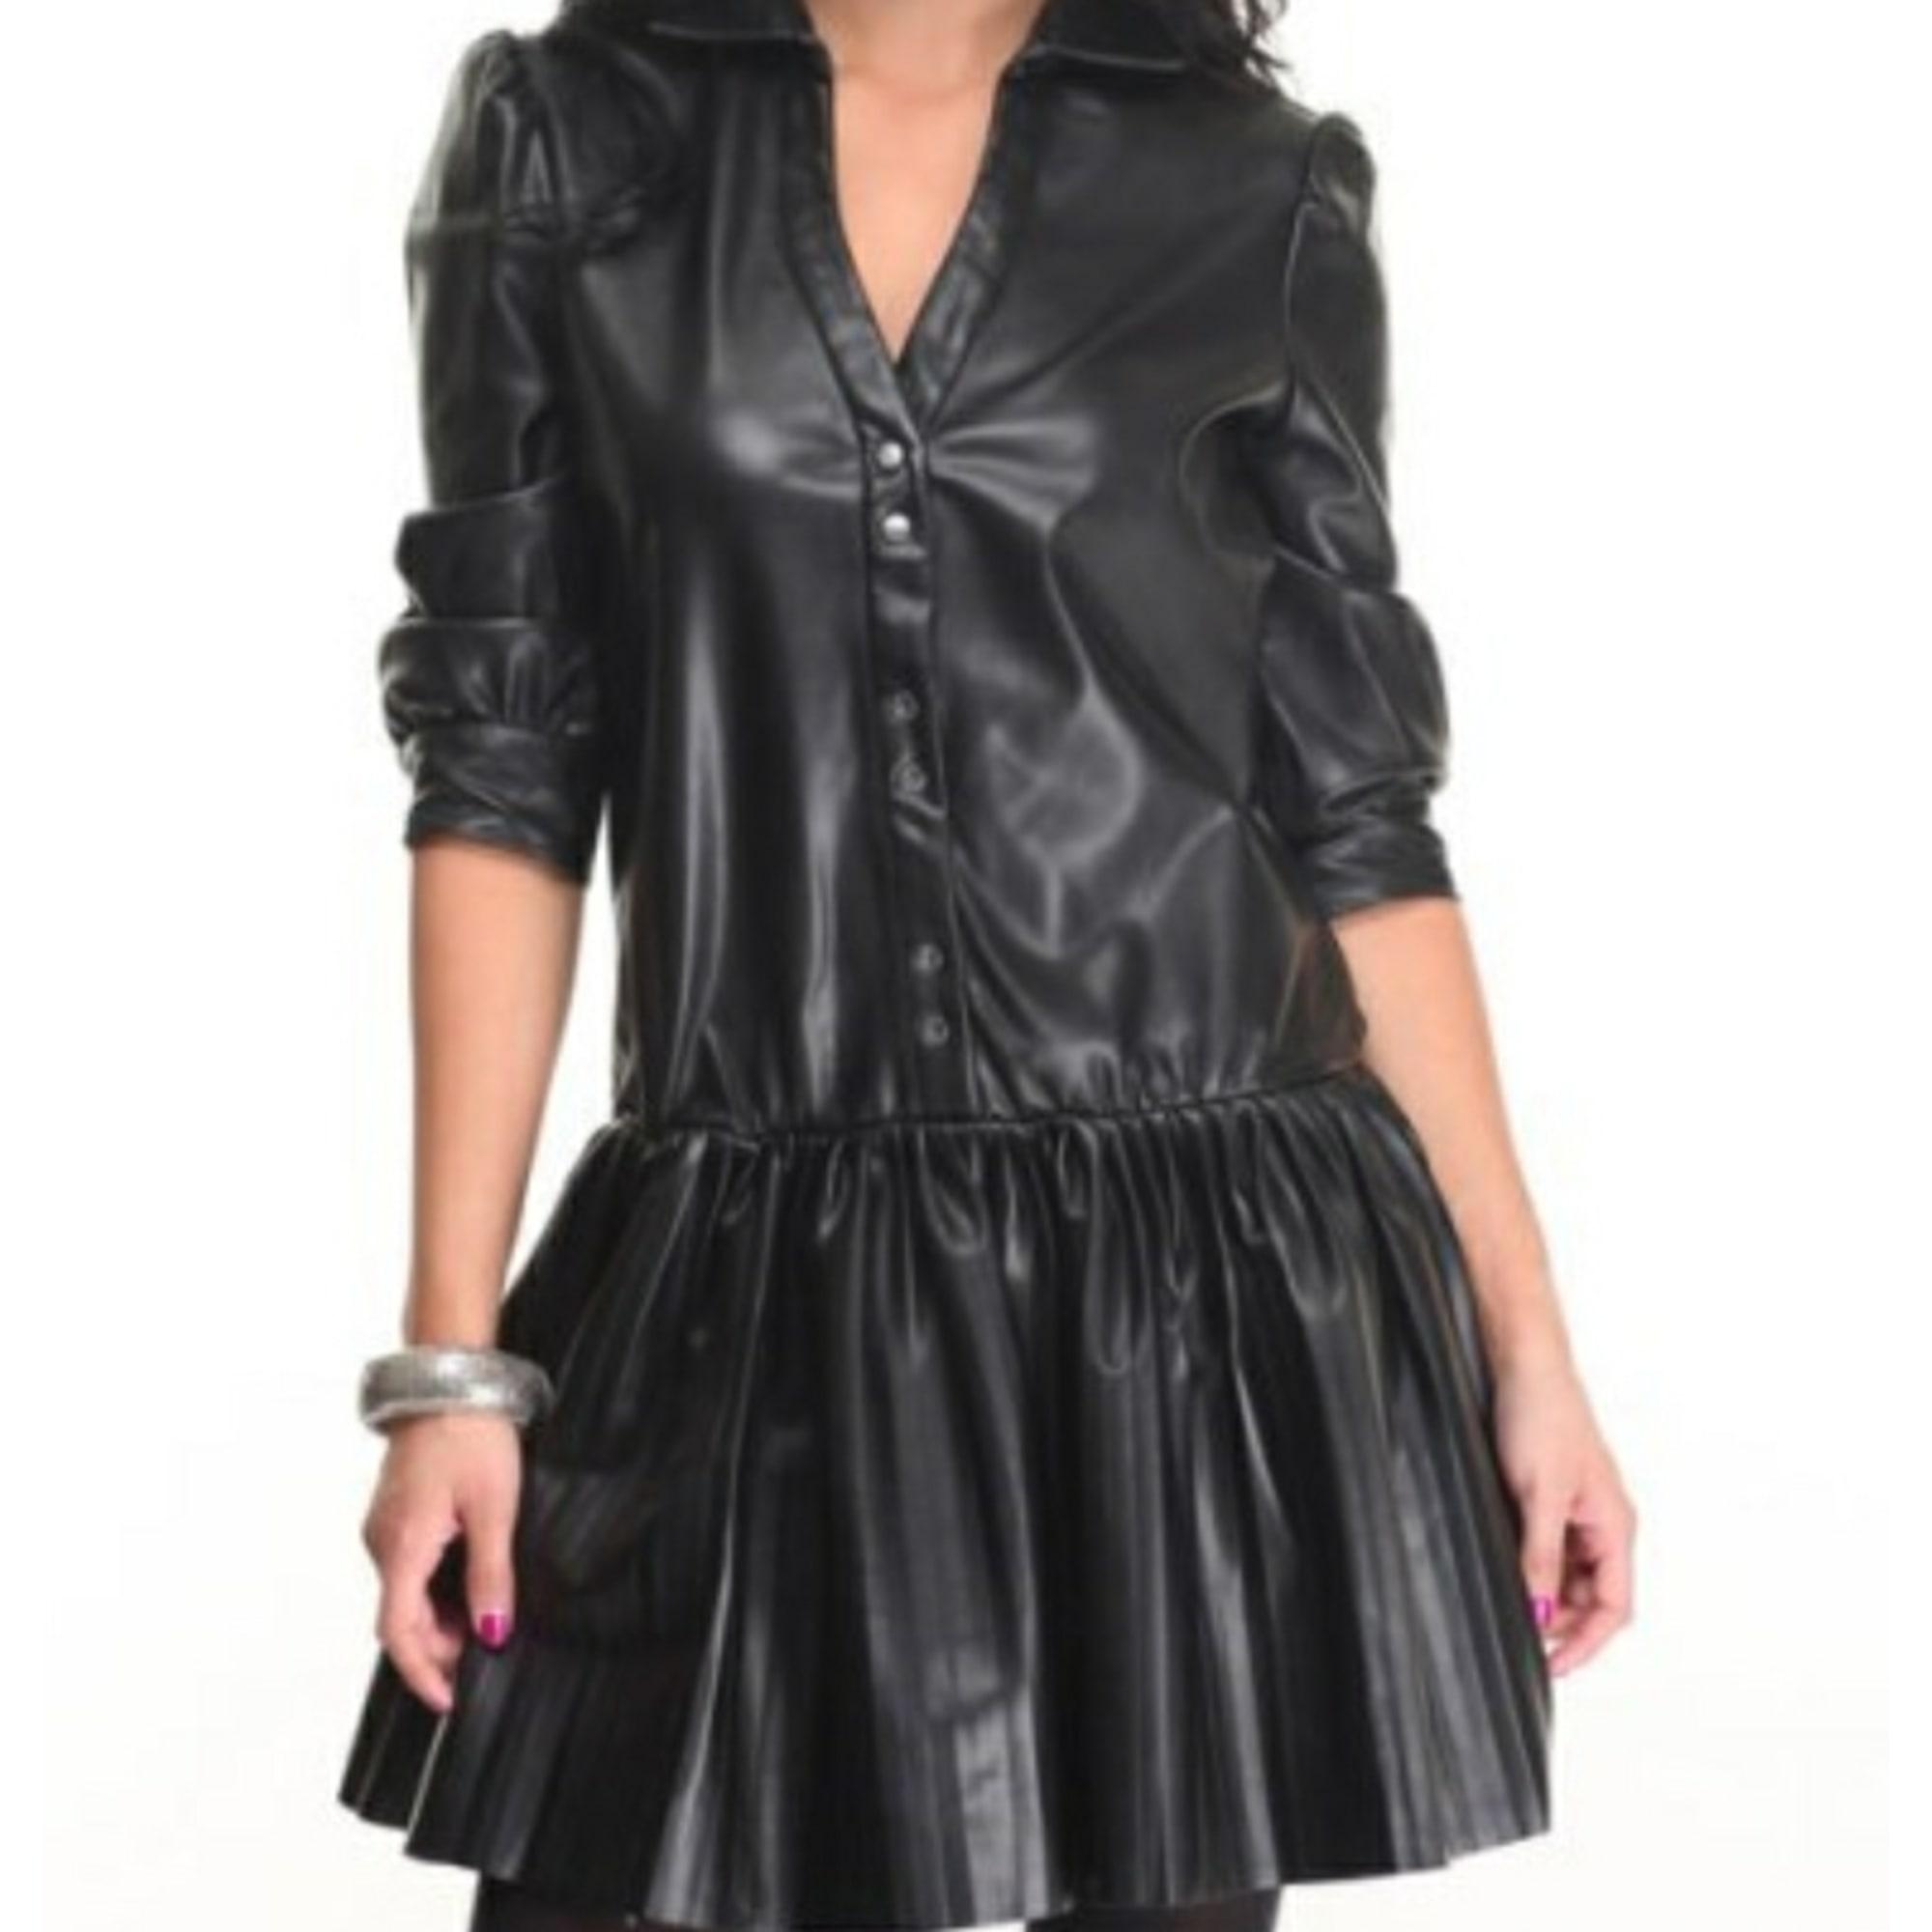 Robe Courte Marque Inconnue 34 Xs T0 Noir 8414955